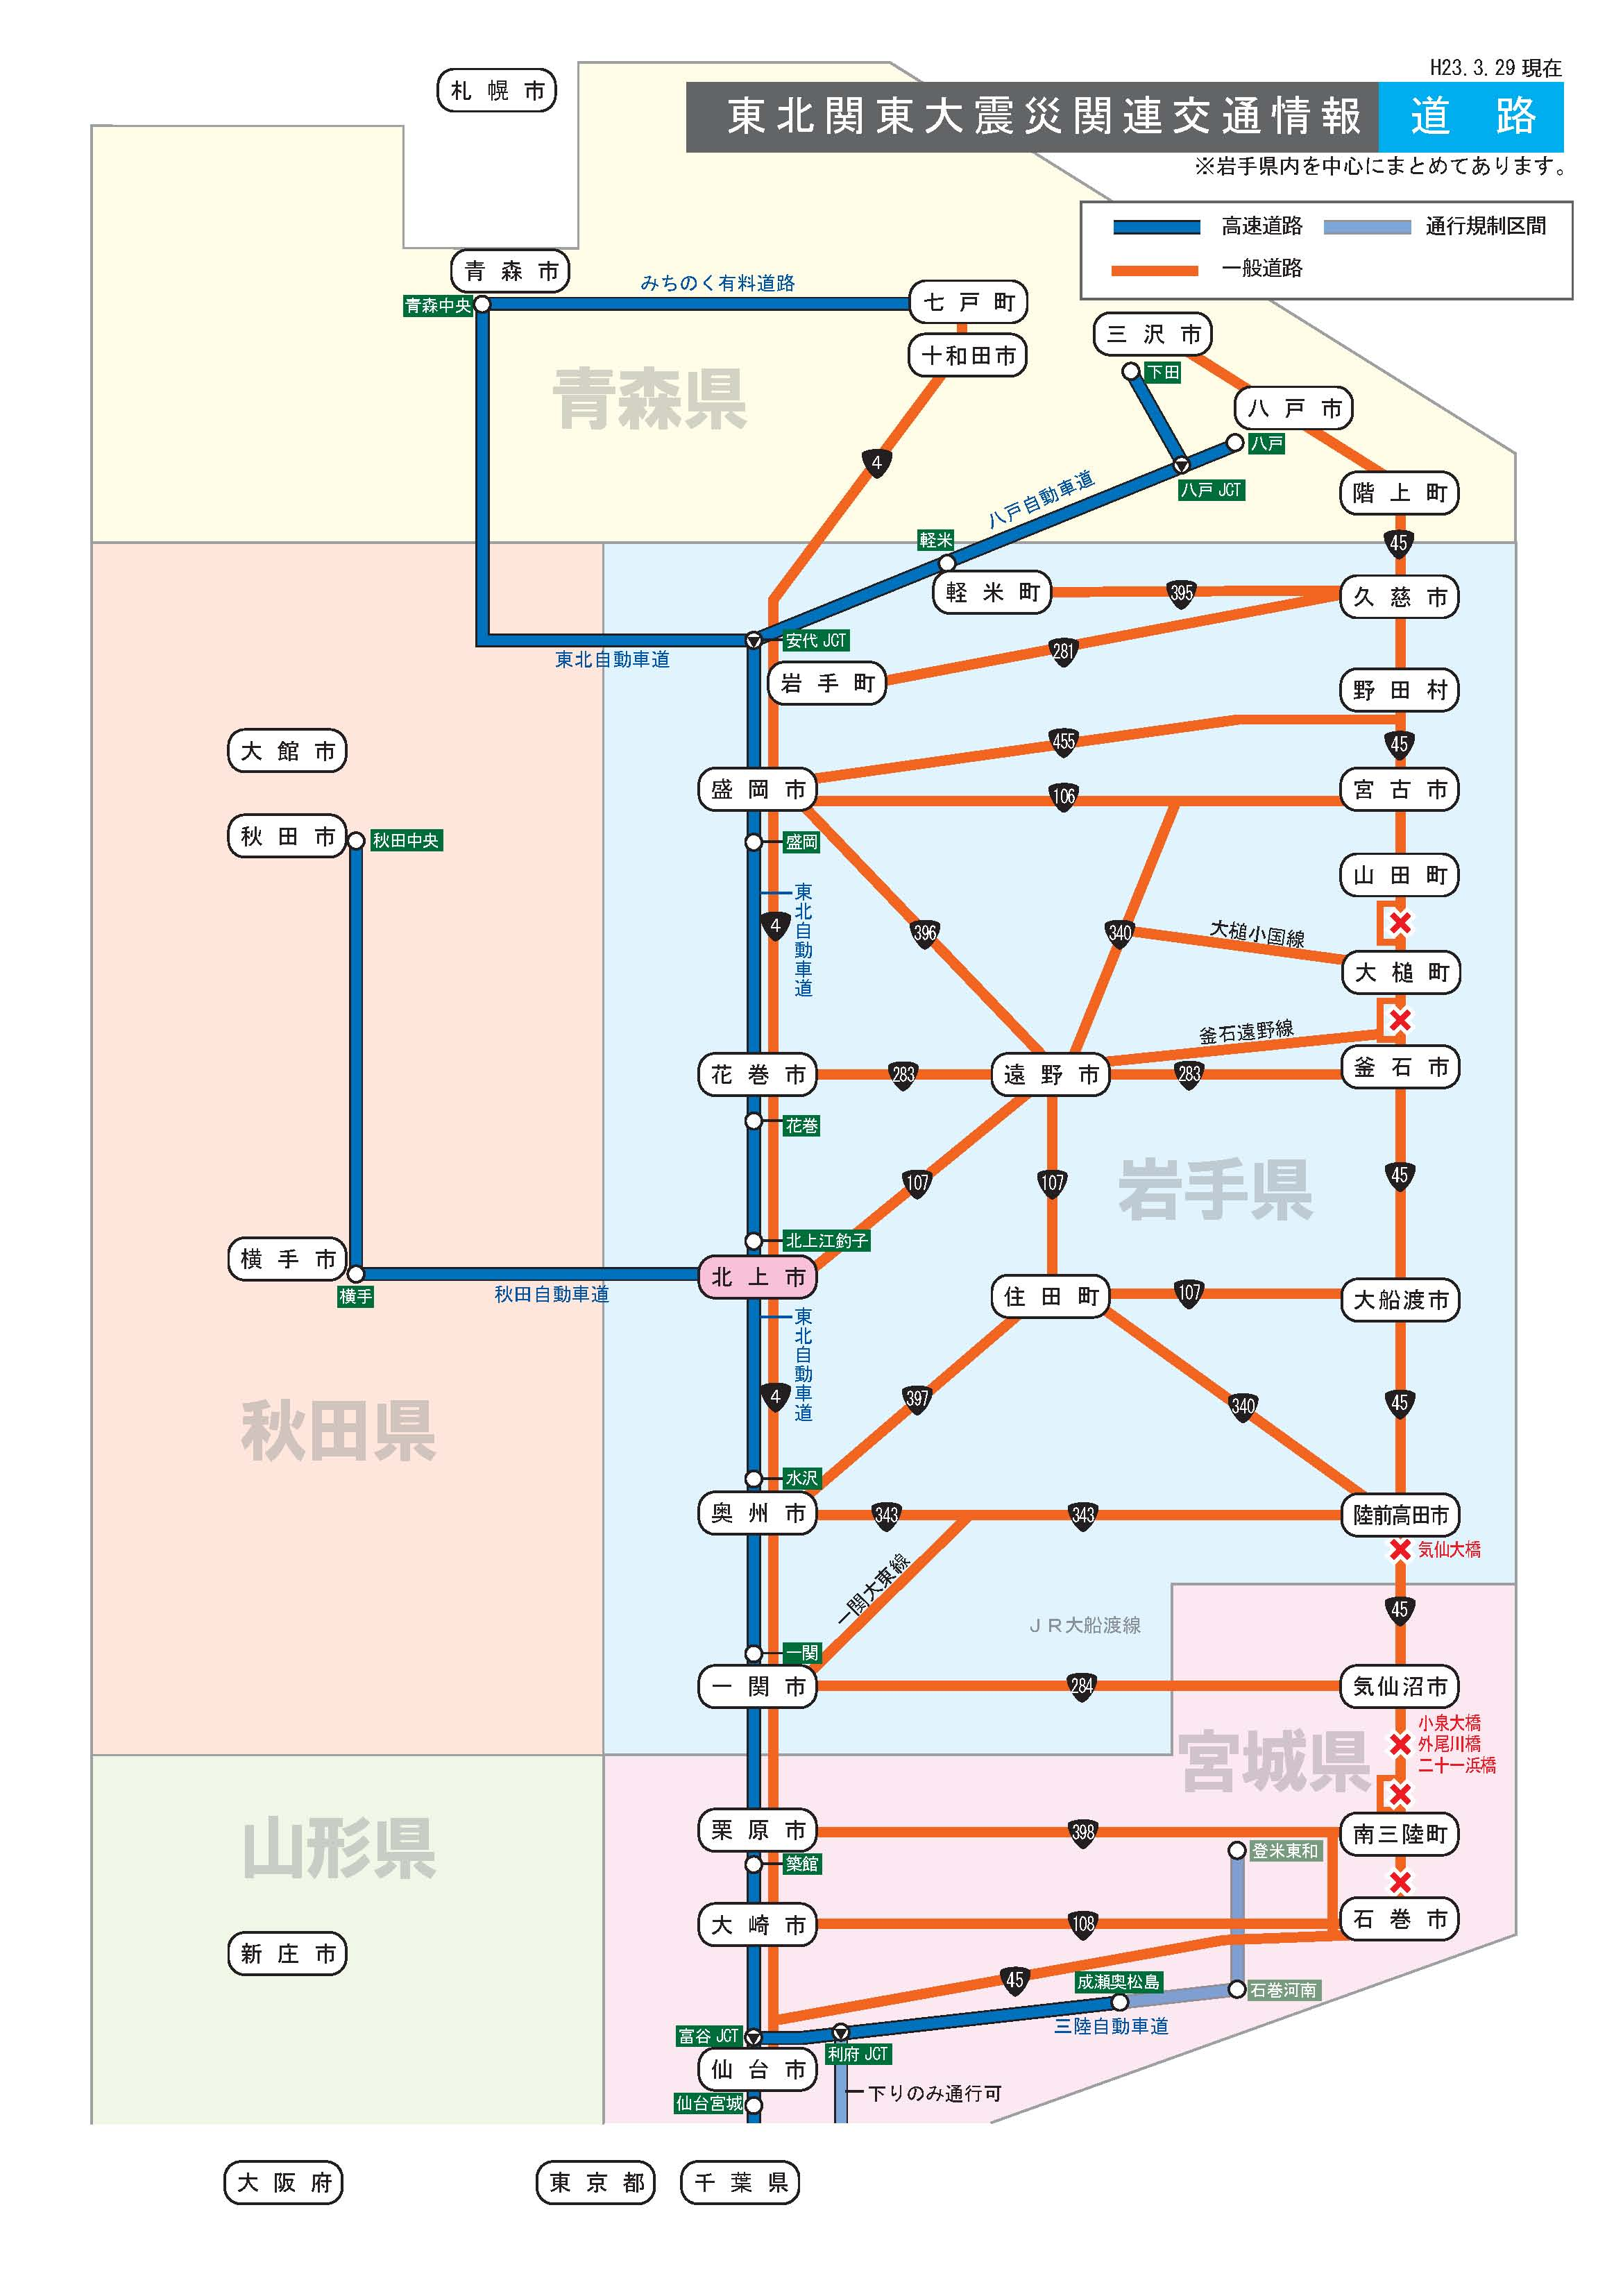 鉄道・道路・空路情報(2011.3.29現在)_d0206420_1320593.jpg